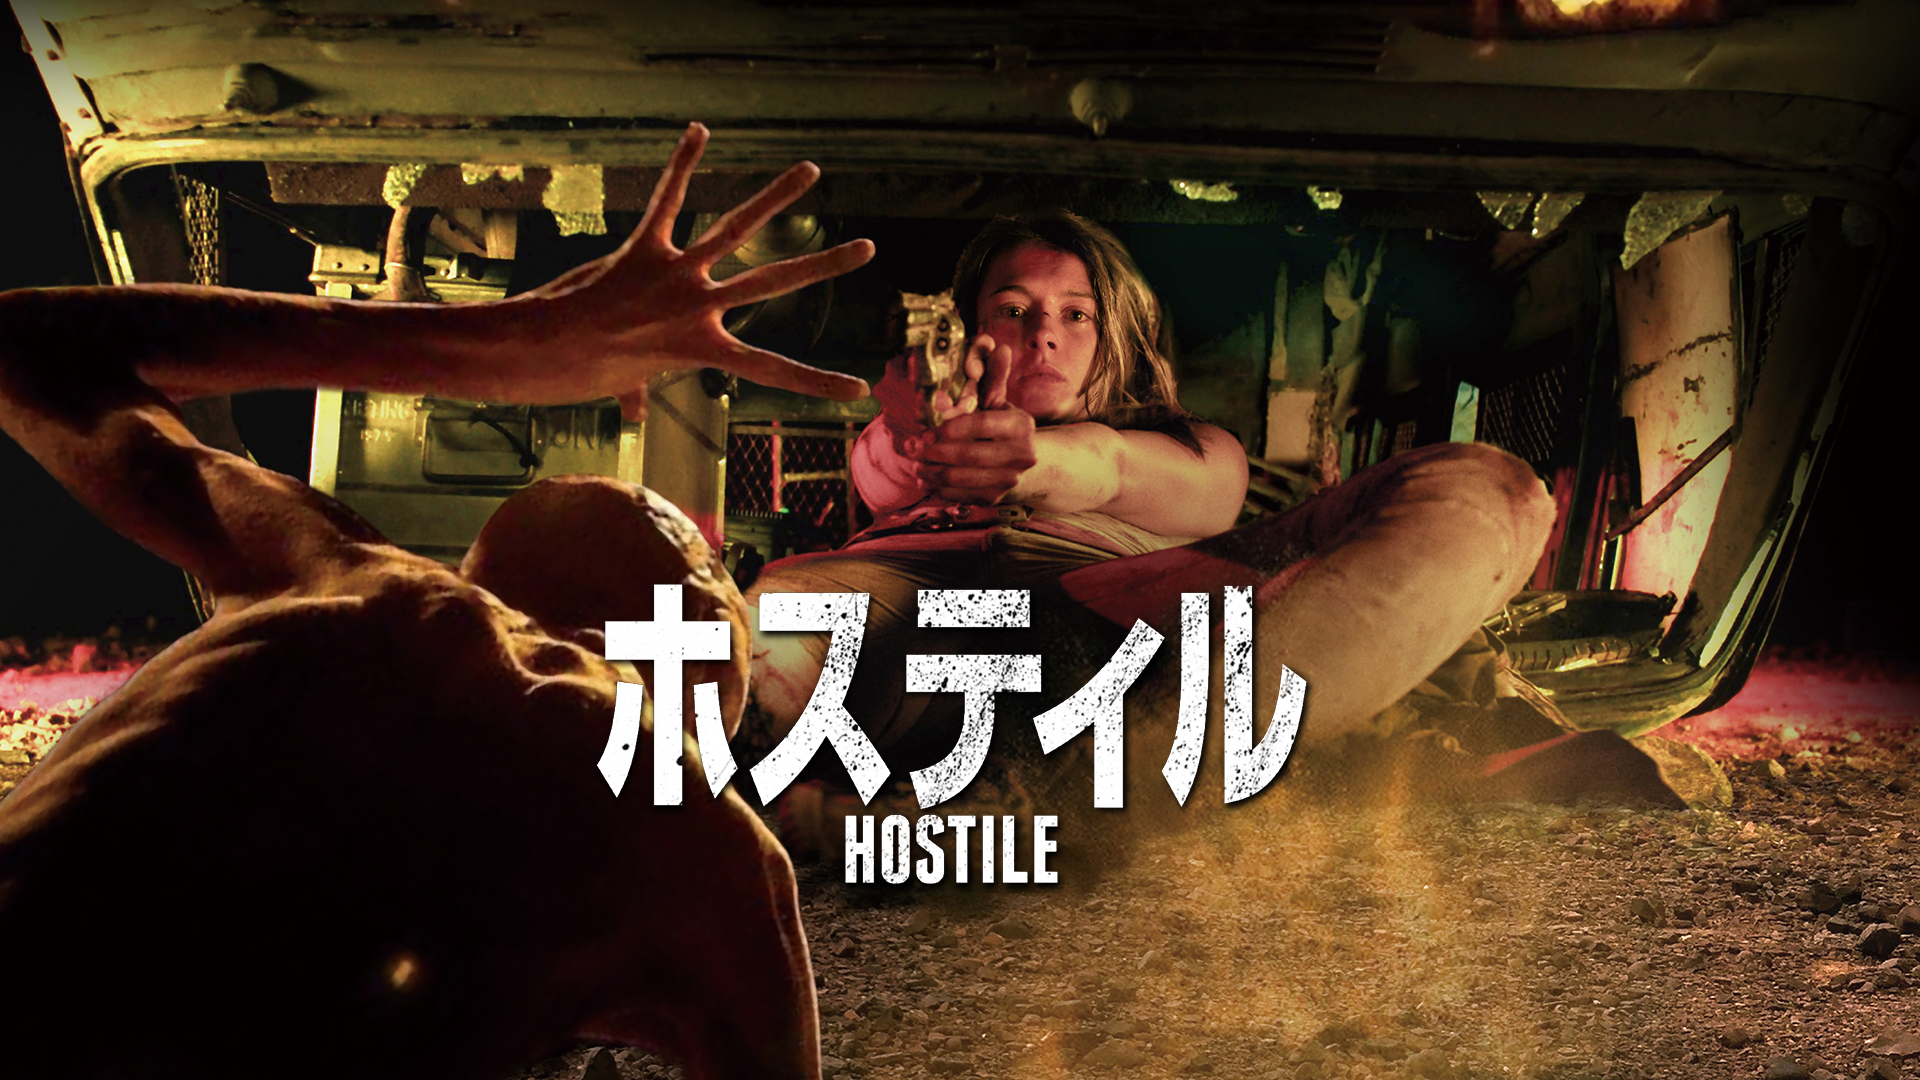 HOSTILE ホスティル(吹替版)